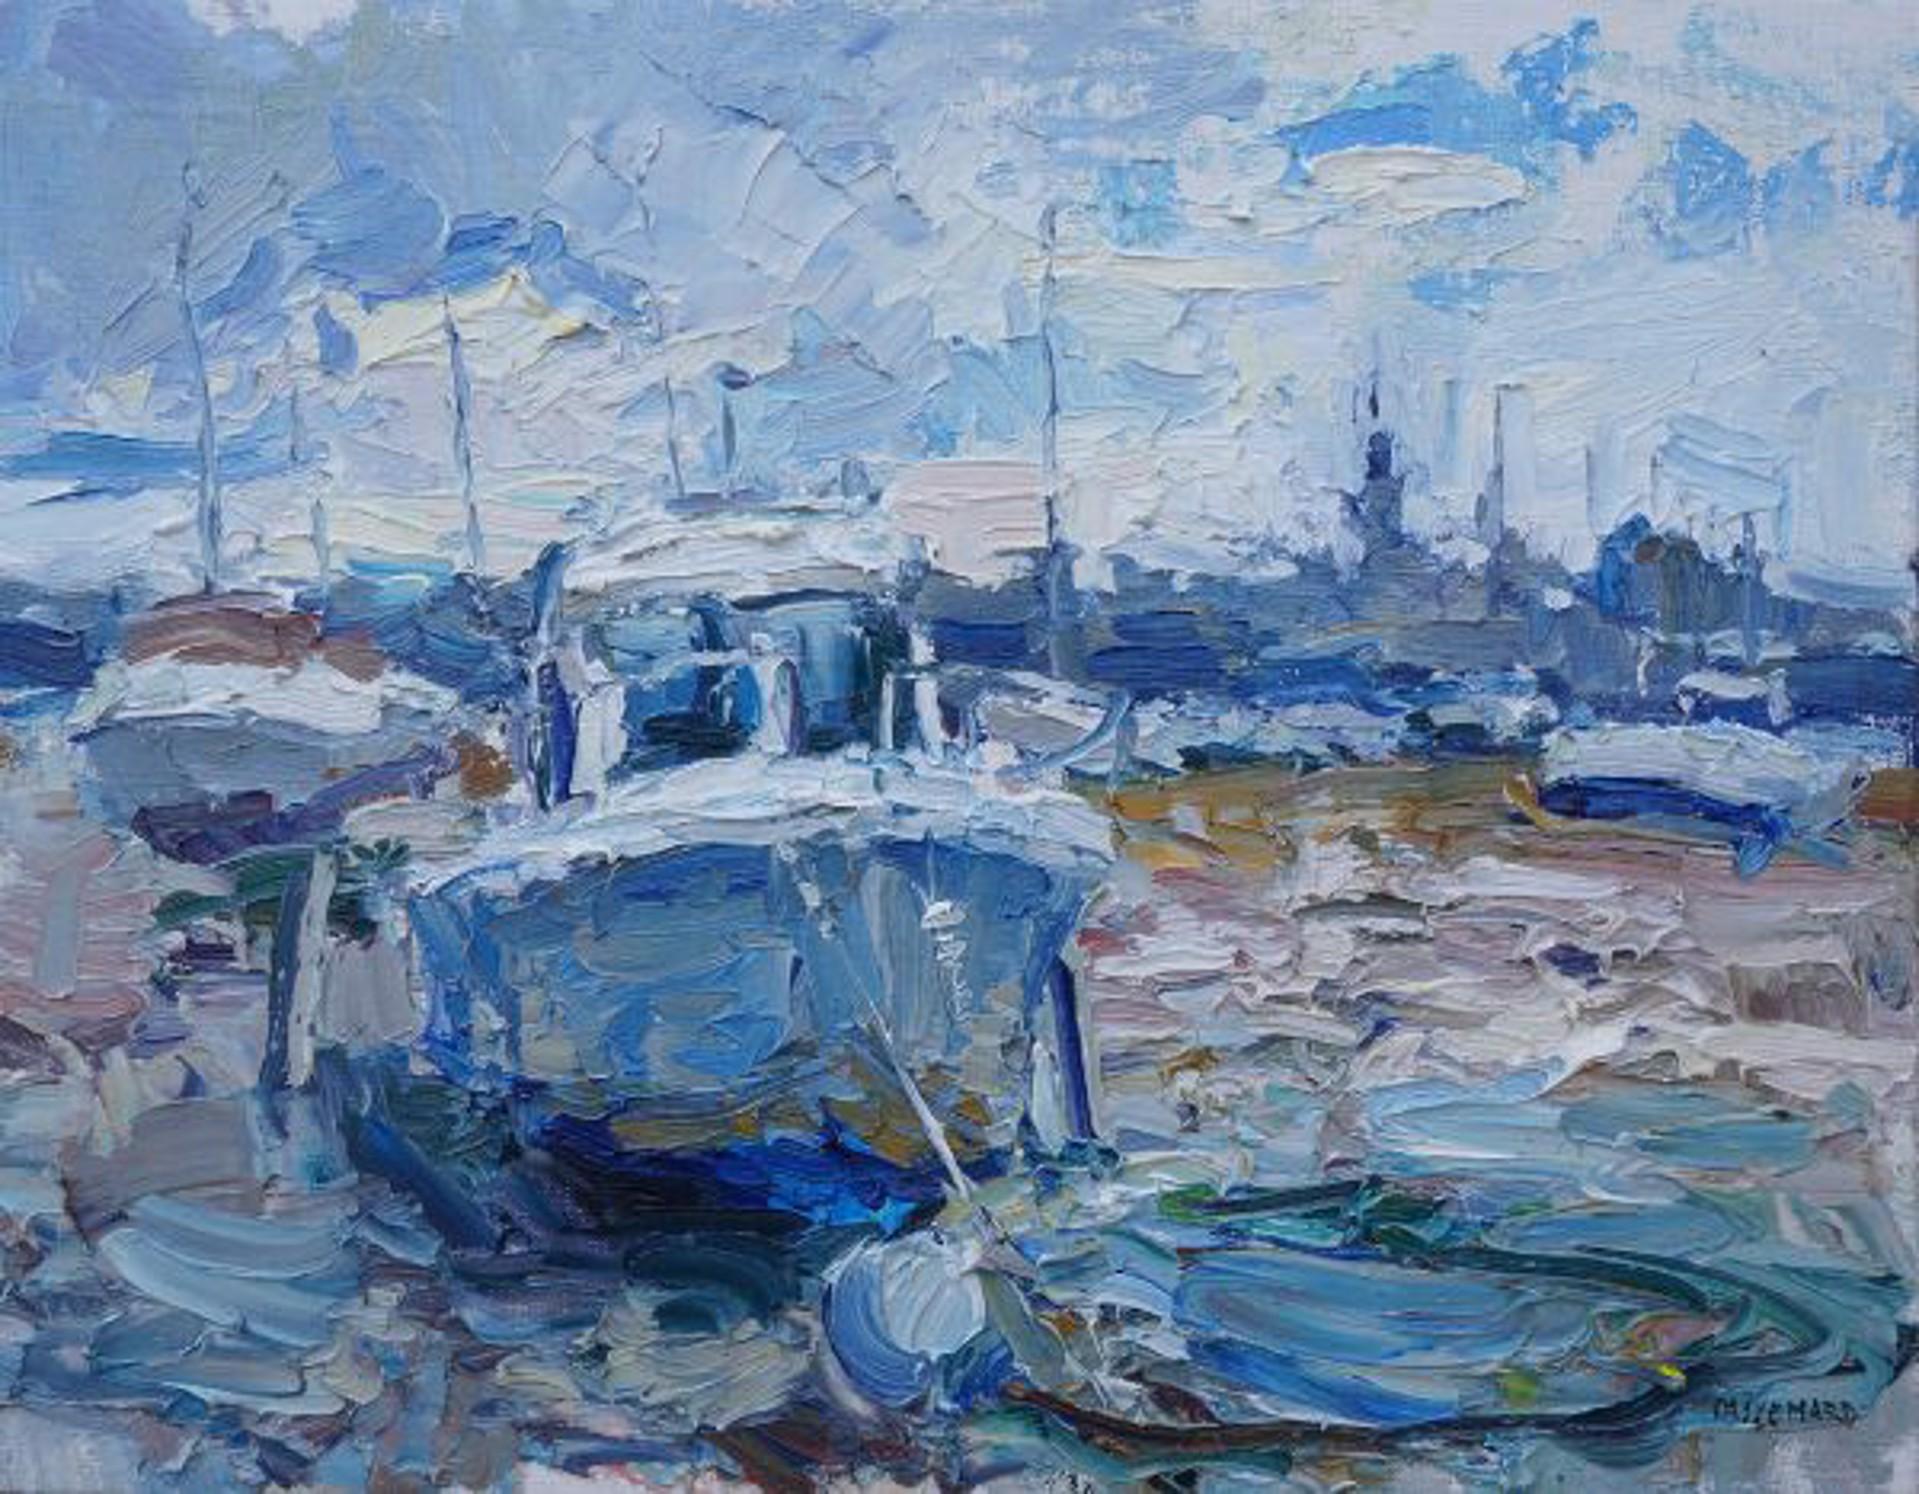 Low Tide by Antonin Passemard